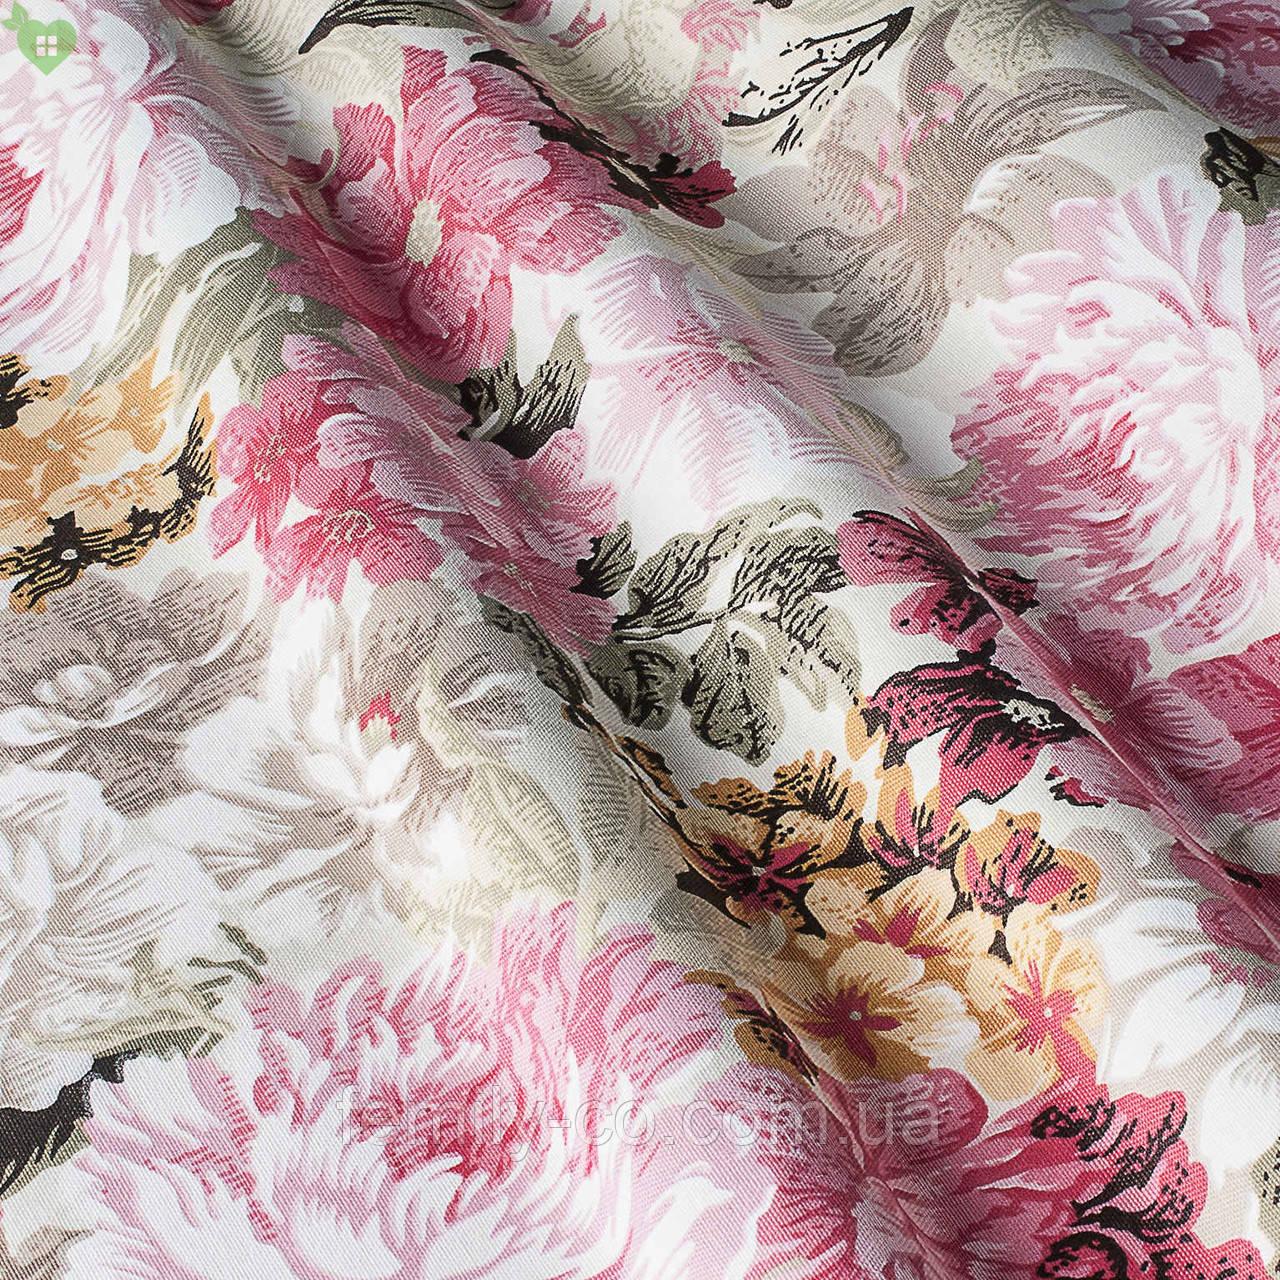 Декоративная ткань с букетами крупных разноцветных цветов Турция 82591v13